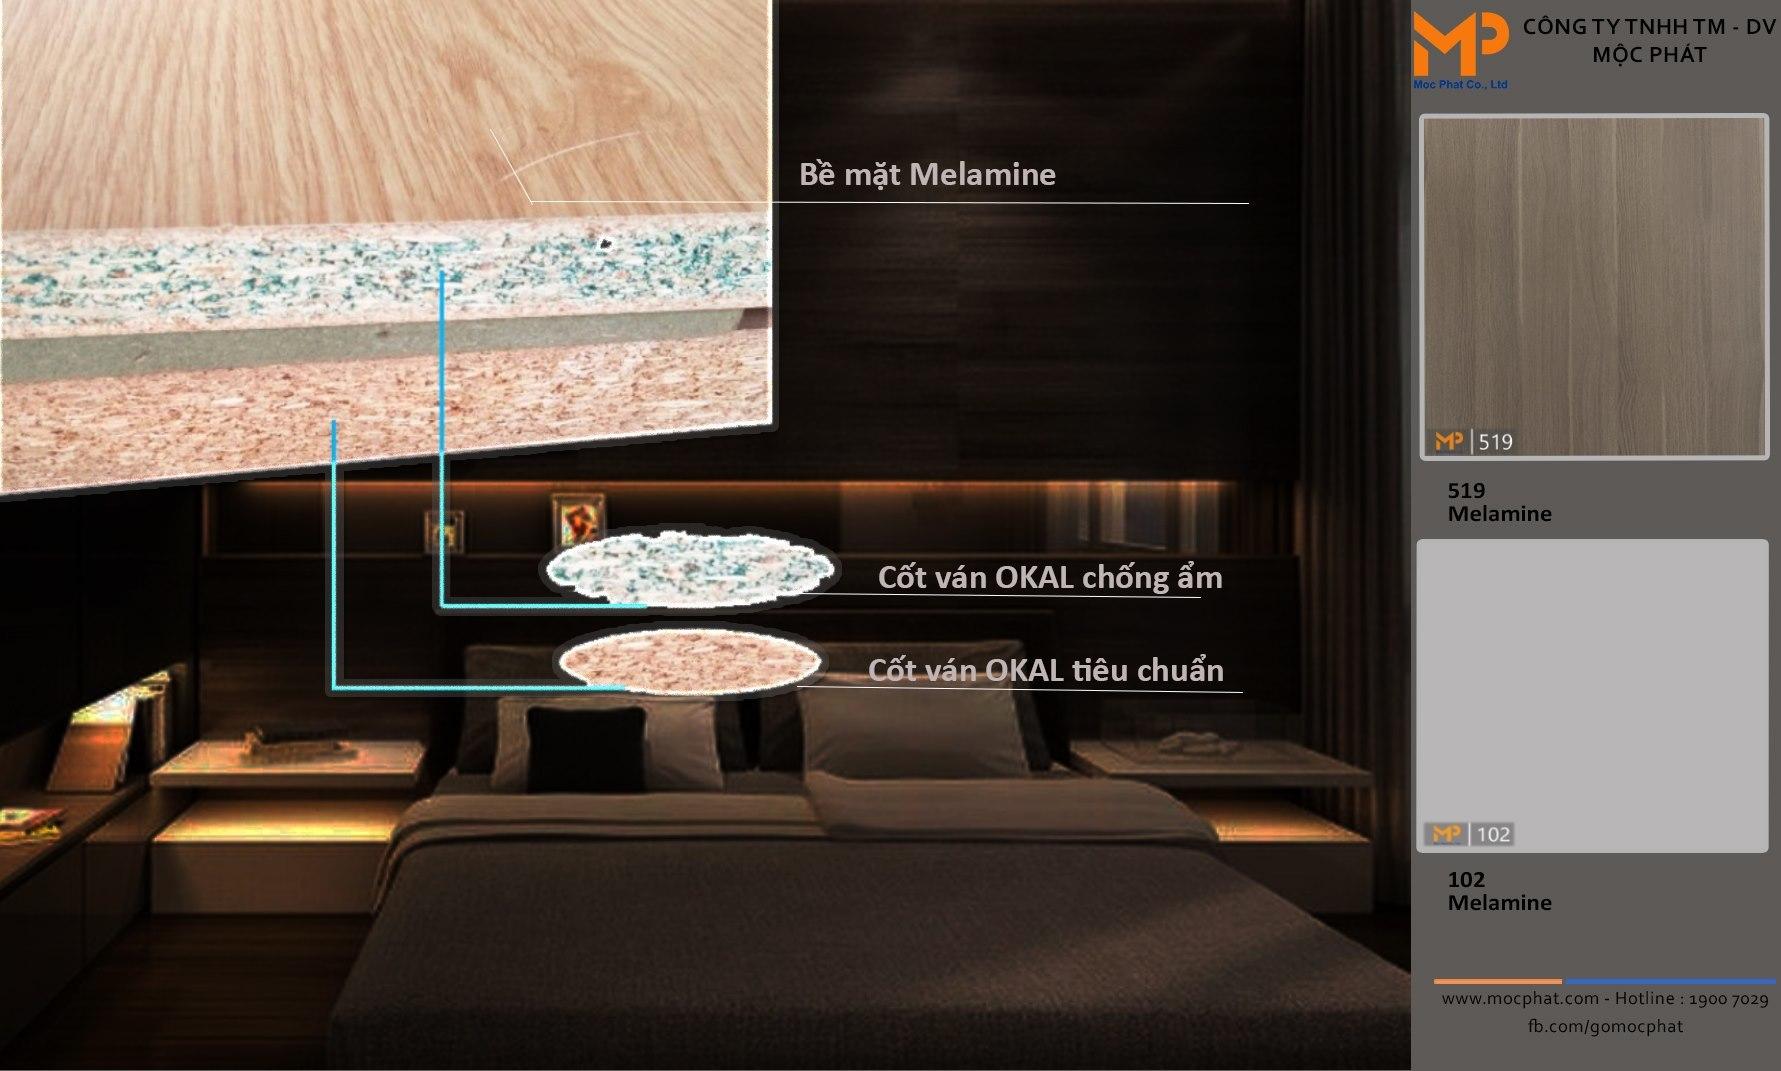 Khi nào nên dùng ván okal chống ẩm và tiêu chuẩn?